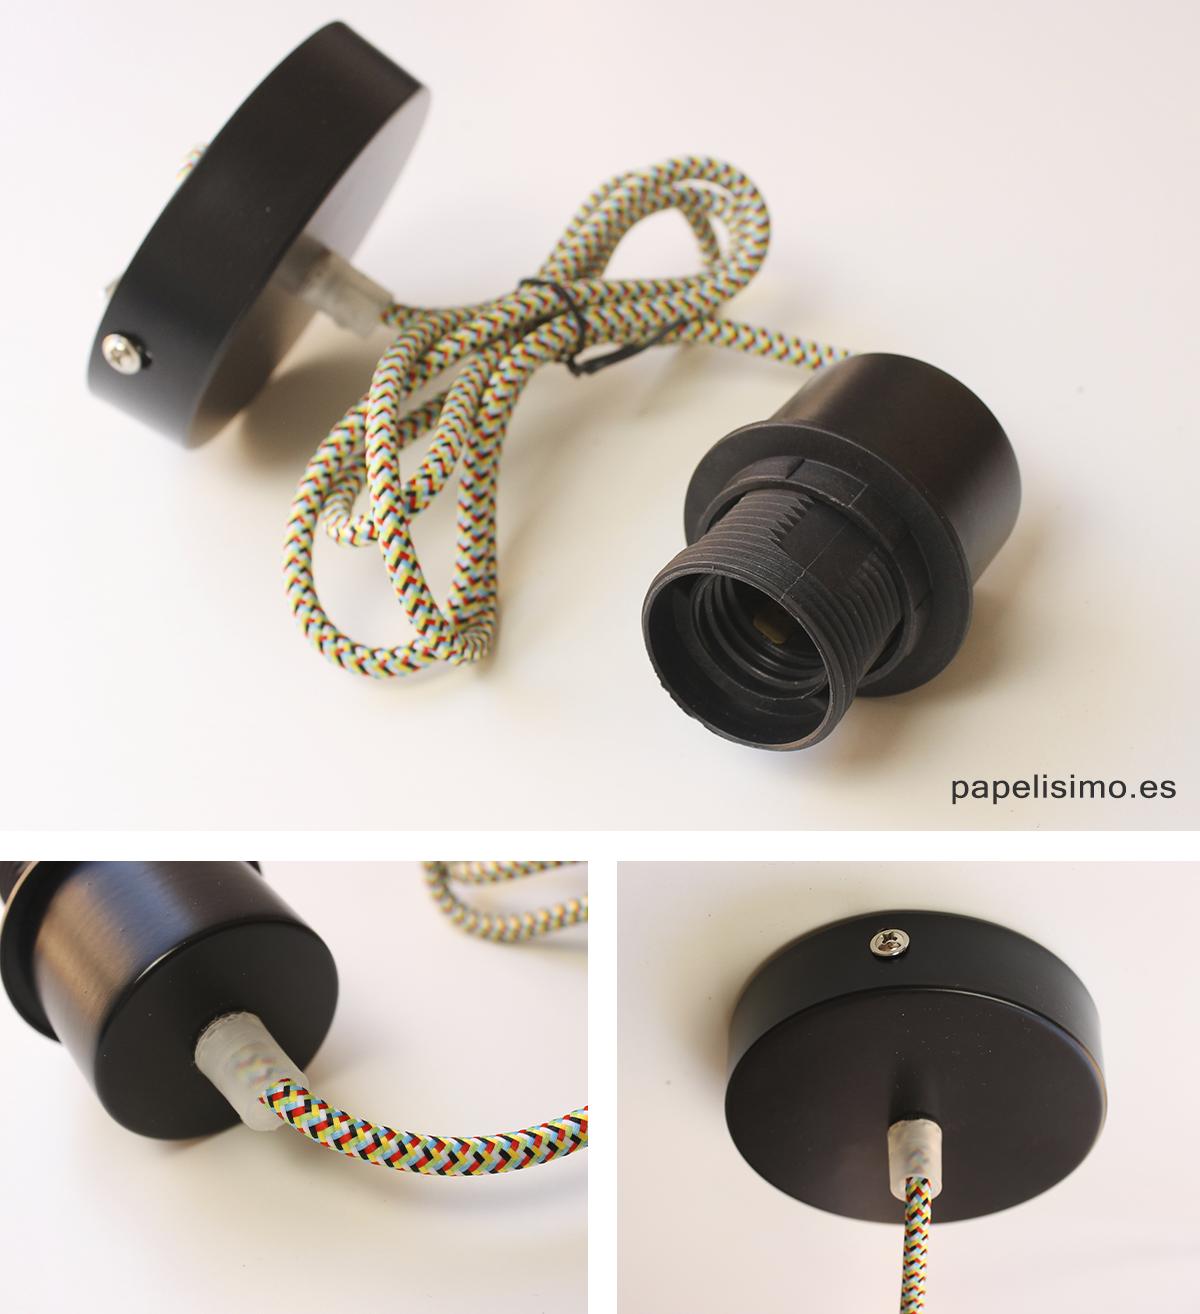 Casquillo cable y soporte para lampara de techo